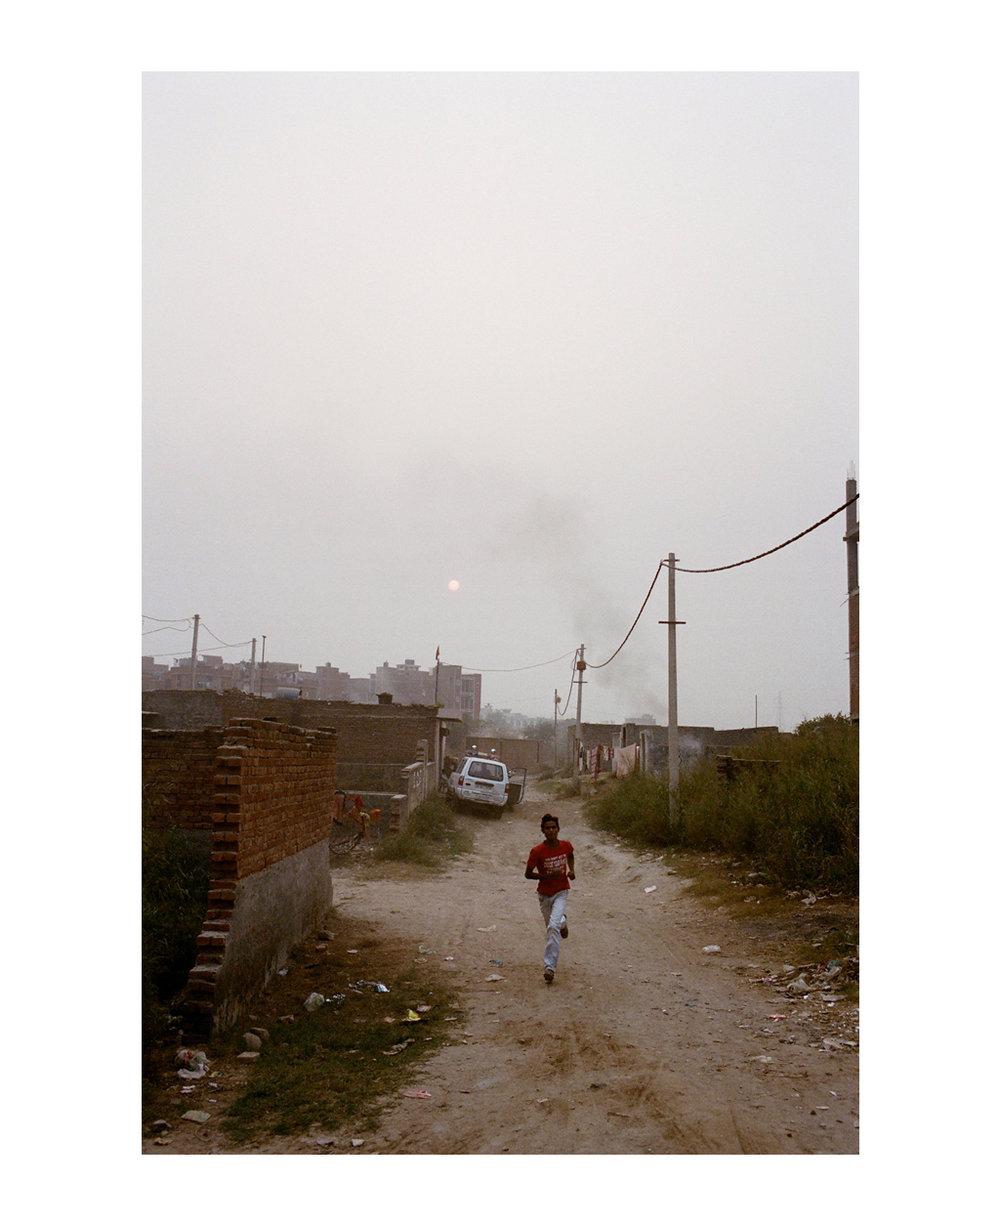 Madanpur Khadar slum, Delhi, India.